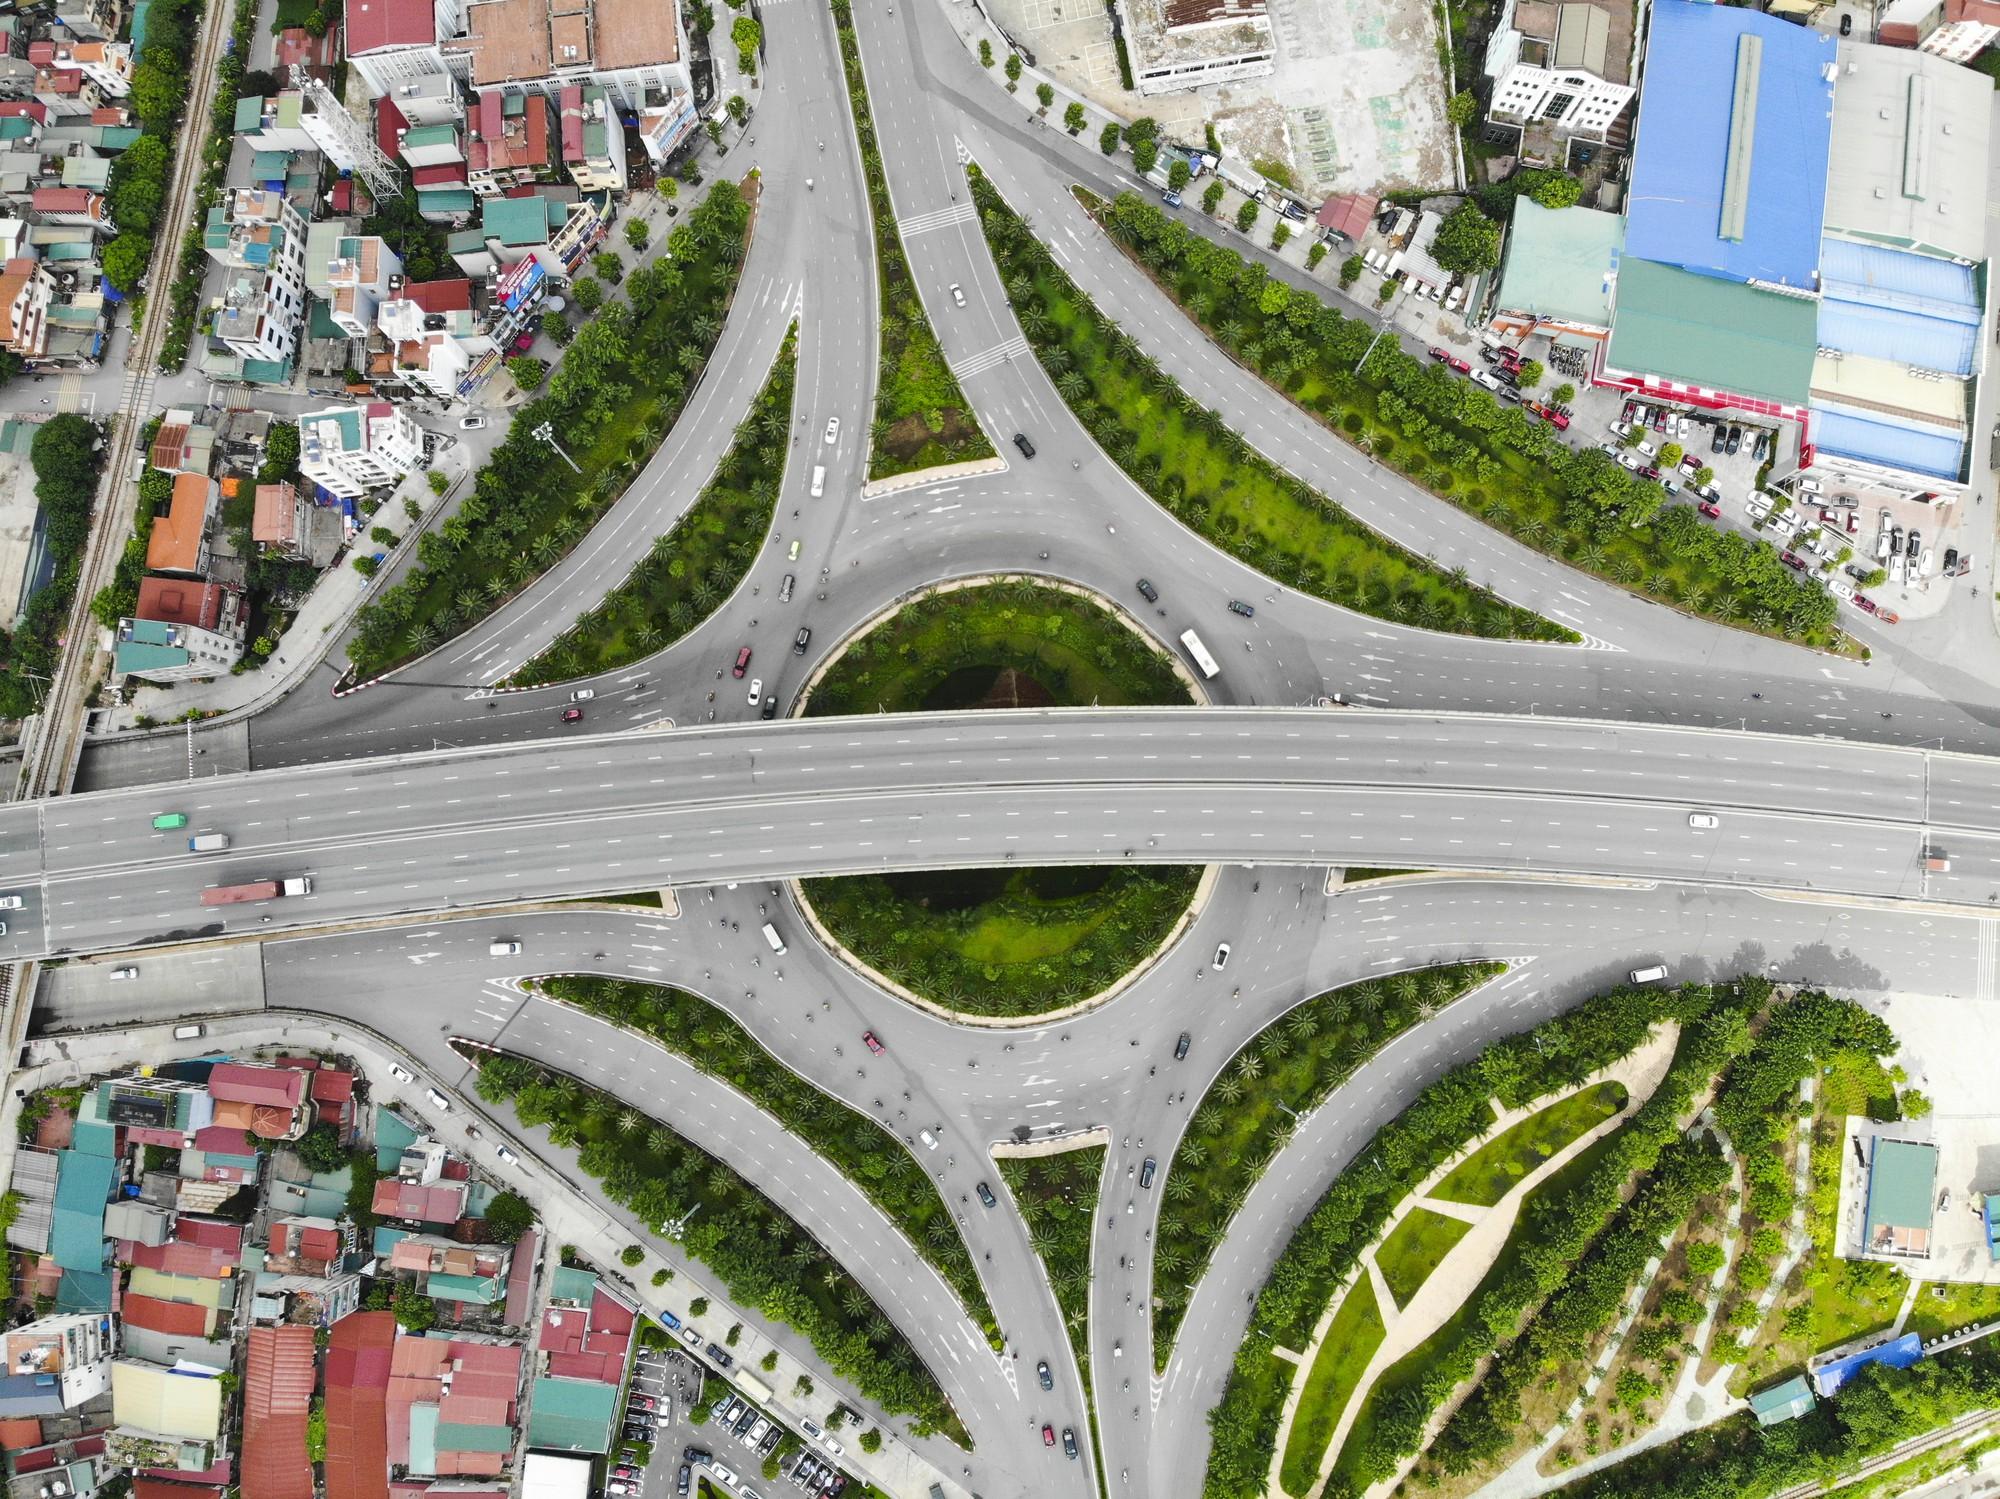 Những giao lộ khổng lồ thay đổi diện mạo cửa ngõ Thủ đô - Ảnh 8.